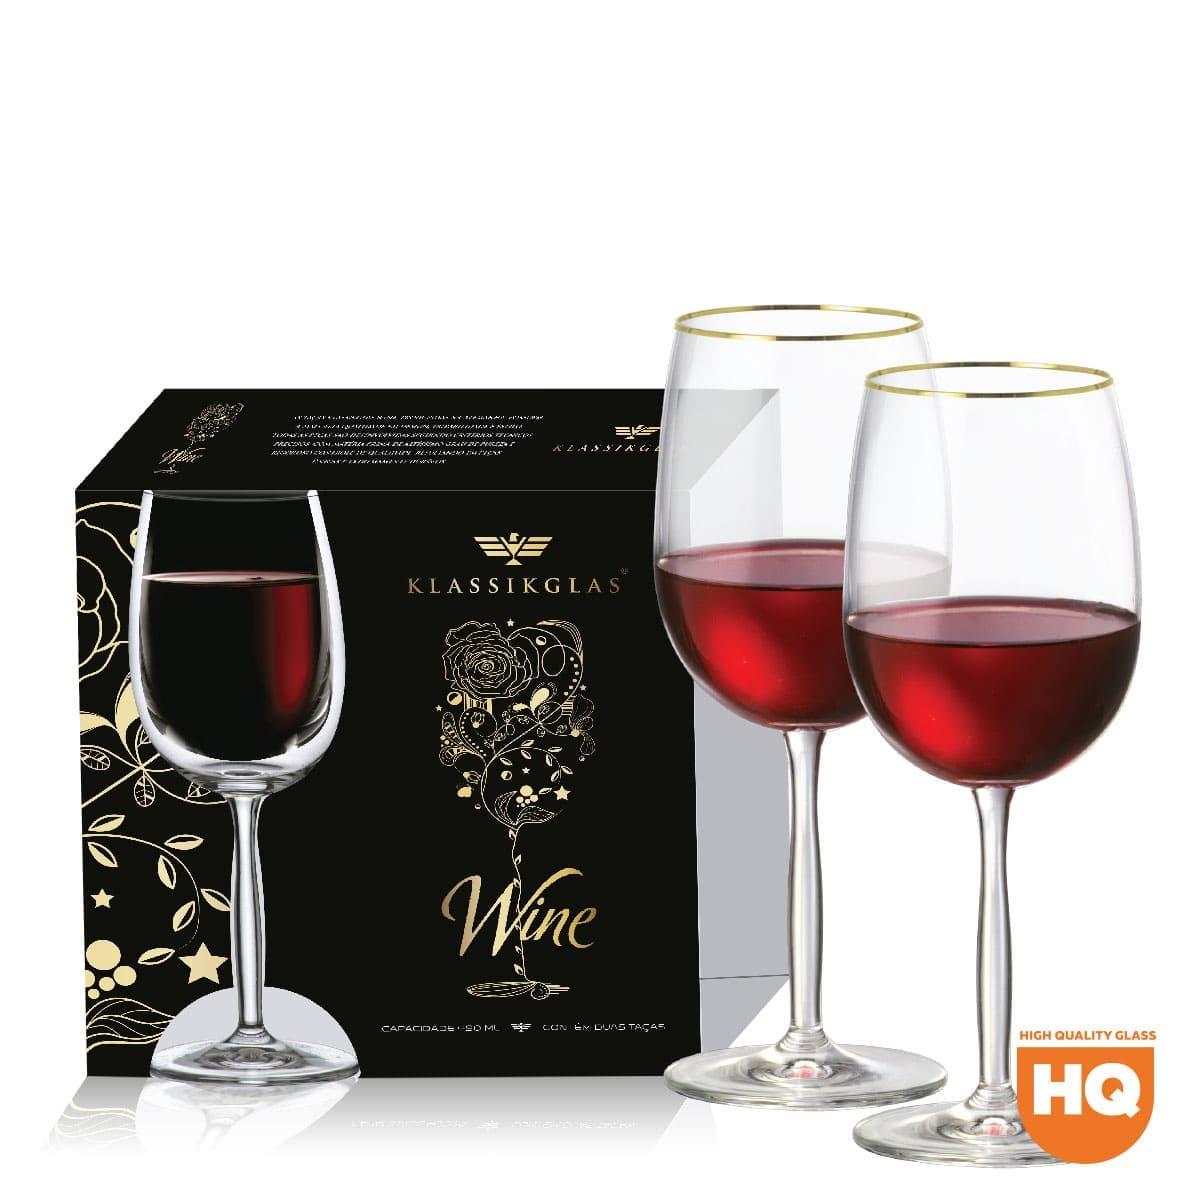 Jogo de Taça de Cristal para Vinho Tinto Ritz de 485ml 2 pçs